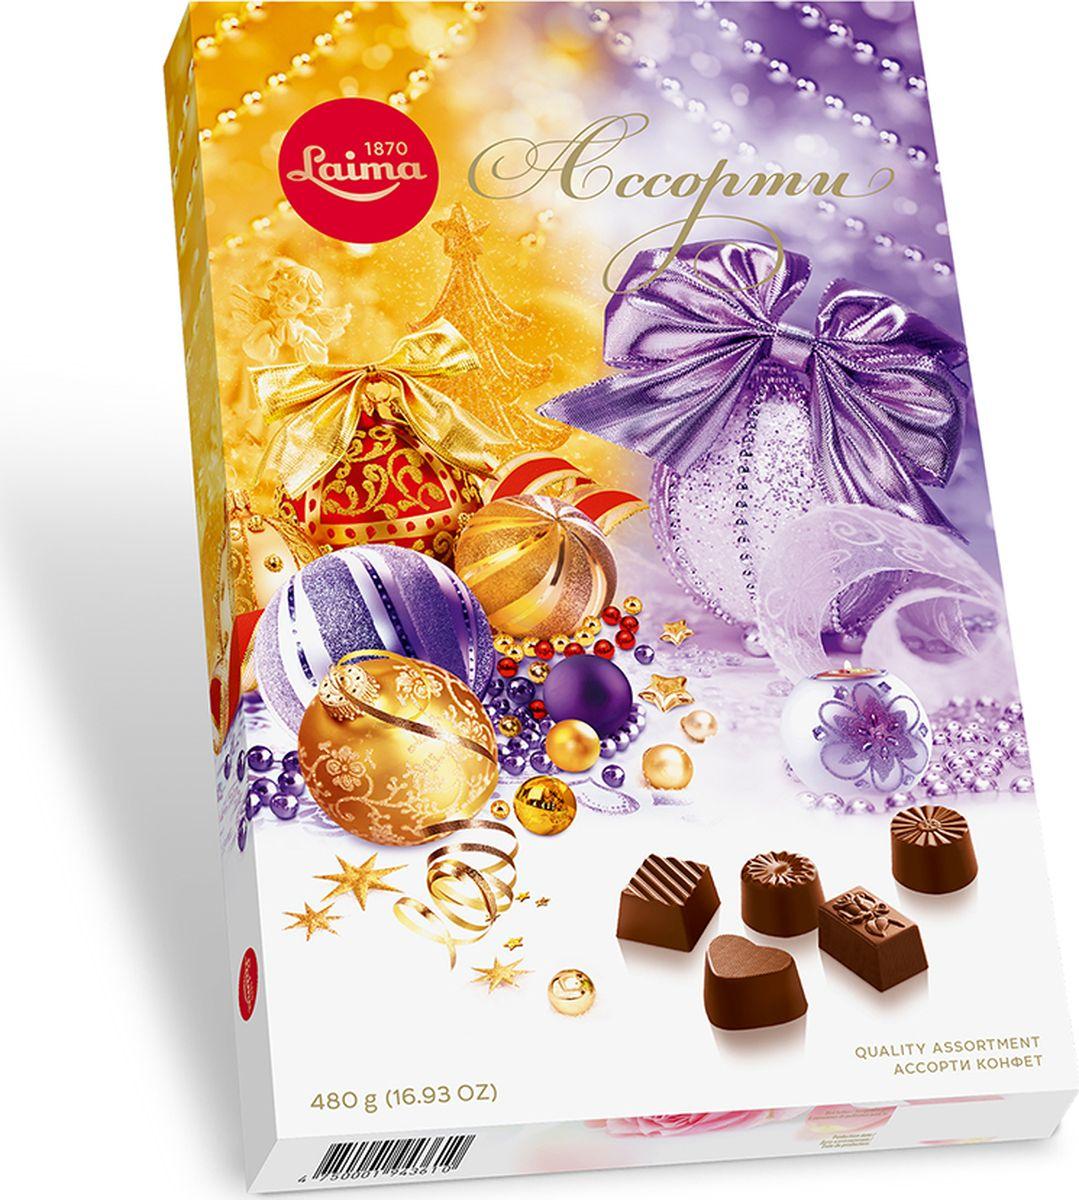 Laima Шары ассорти конфет, 480 гP140208244Конфеты 5 разных форм и с 3-мя начинками: молочная помадка, фруктовое желе, крем-какао.В коробке европейского дизайна.